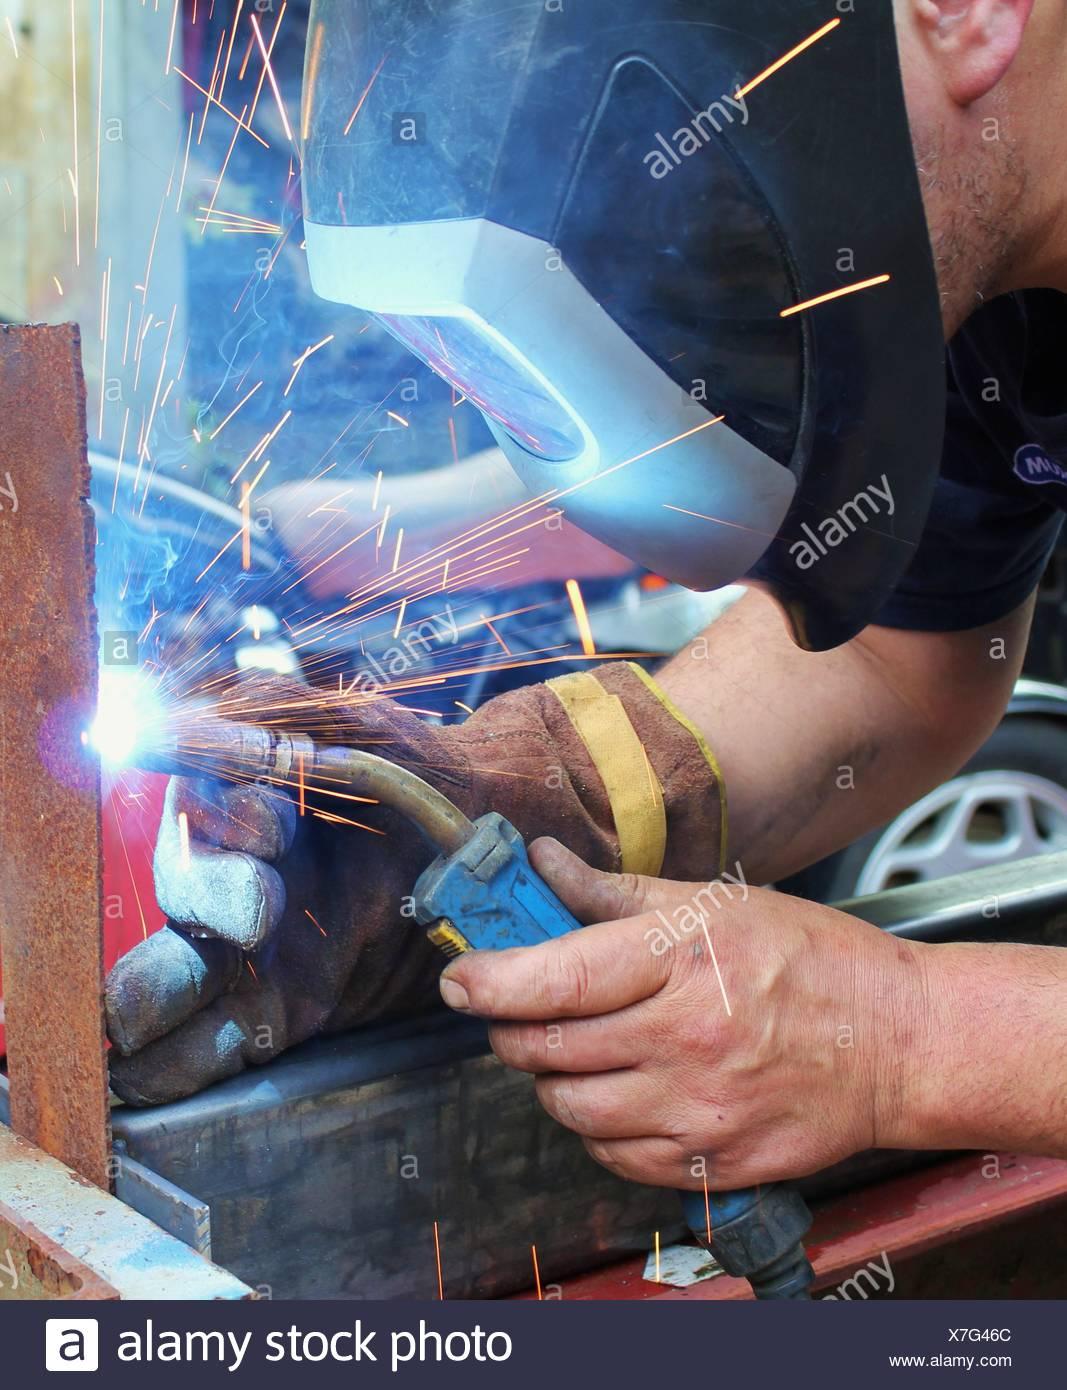 Steel Work Stockfotos & Steel Work Bilder - Seite 34 - Alamy